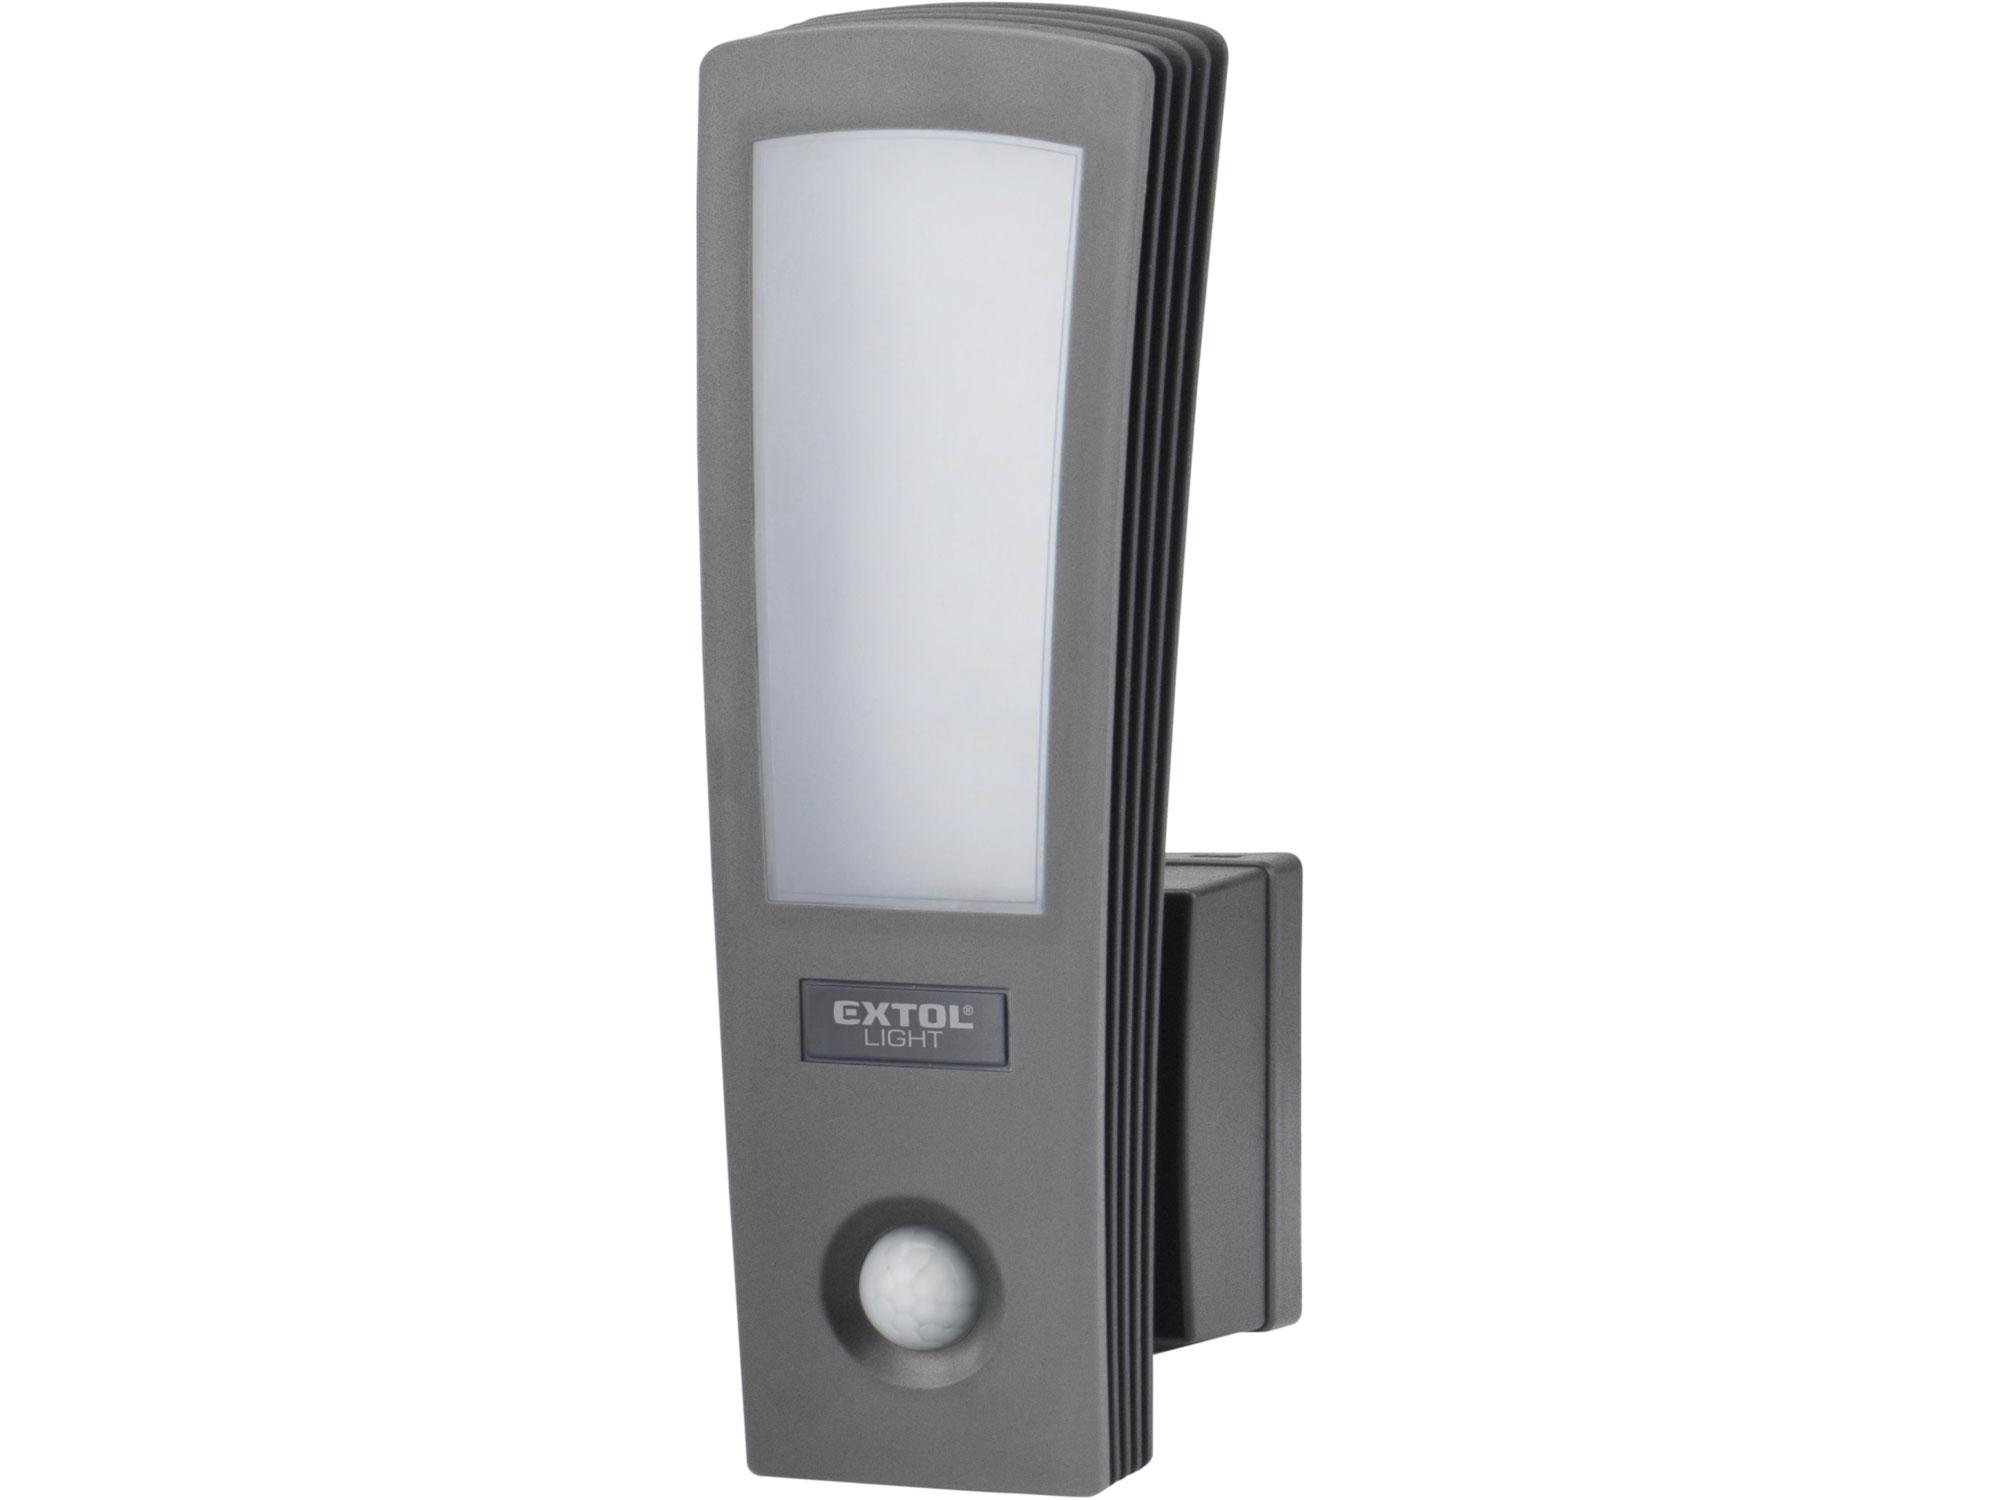 světlo LED, domovní, s pohybovým čidlem, 700lm, EXTOL LIGHT 43219